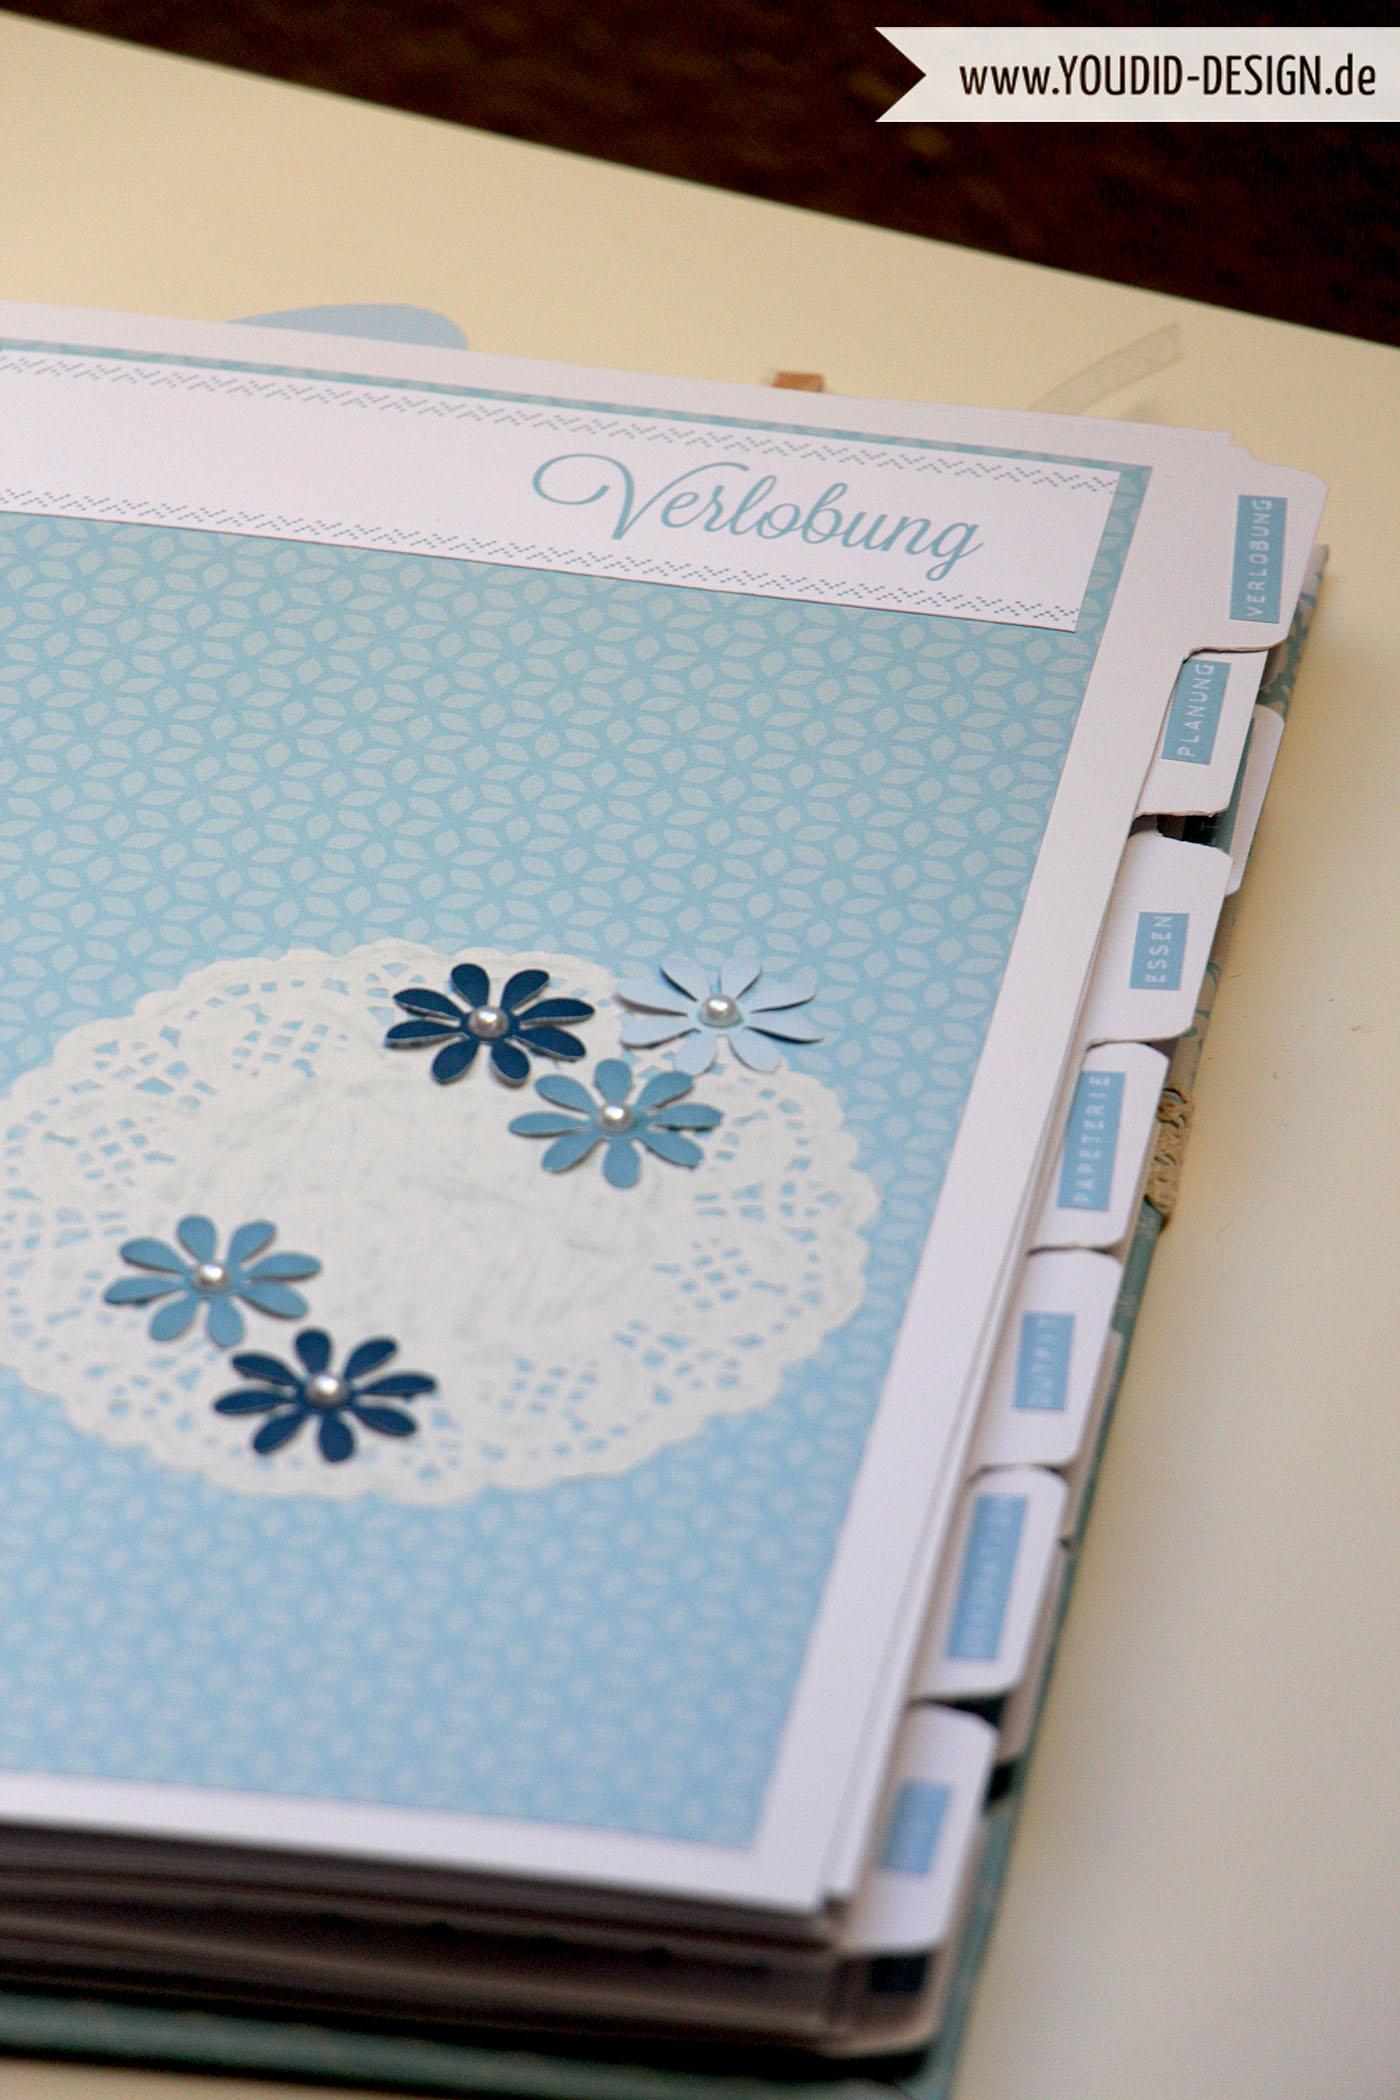 Personal Weddingplanner| www.youdid-design.de